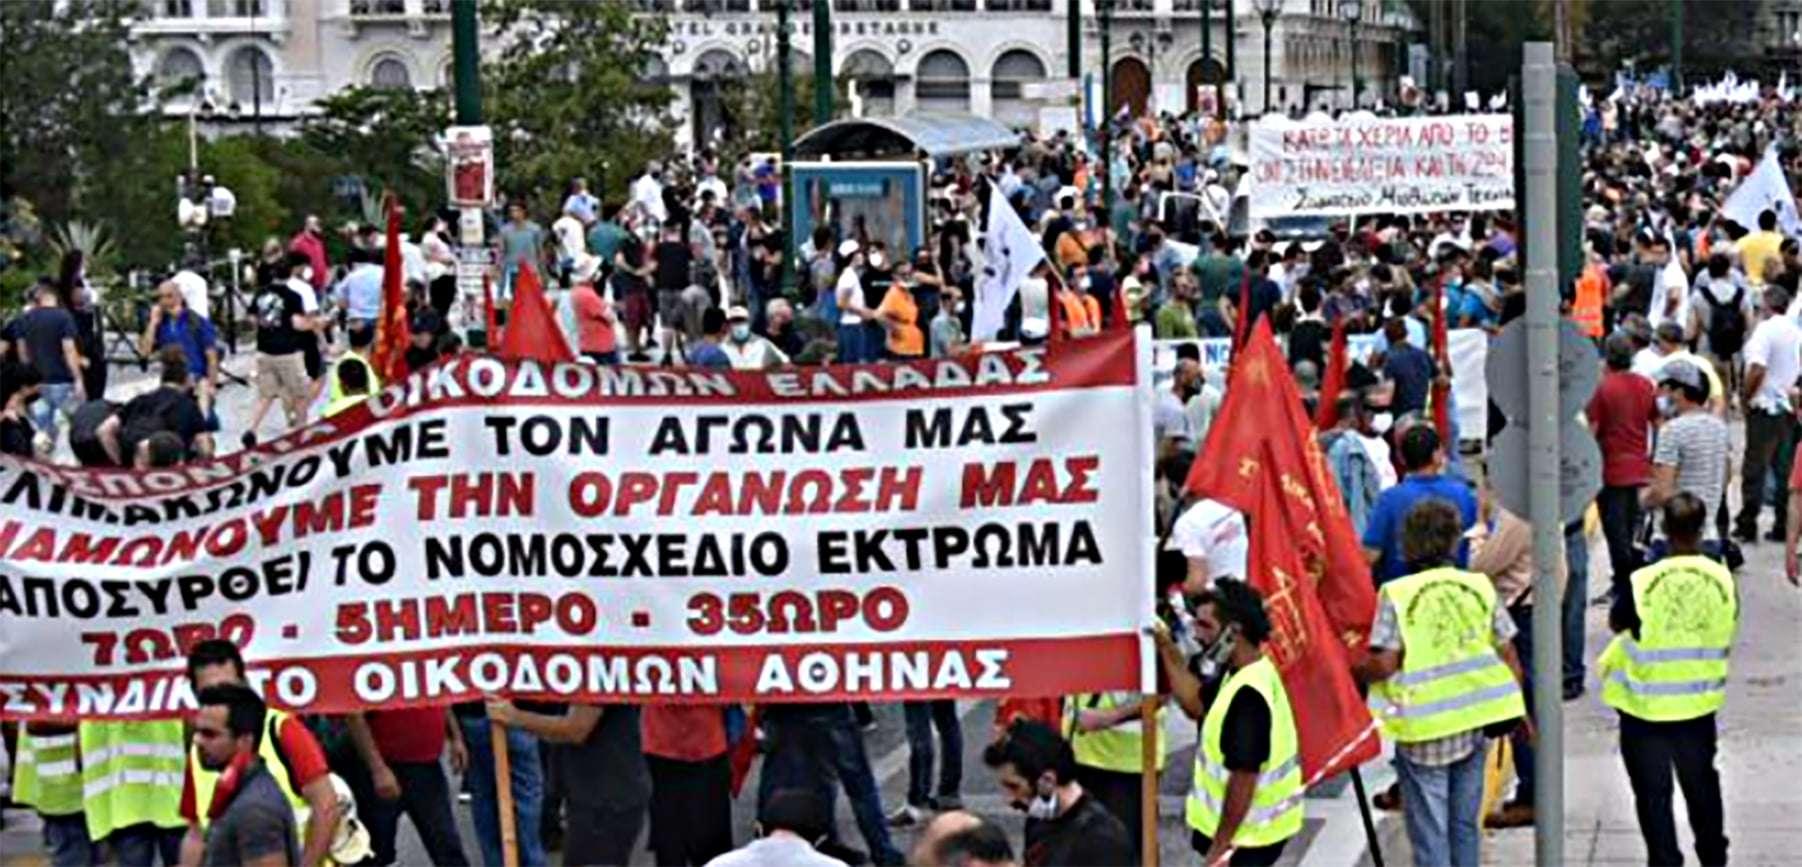 Κινητοποίηση Απεργία 10 Ιούνη